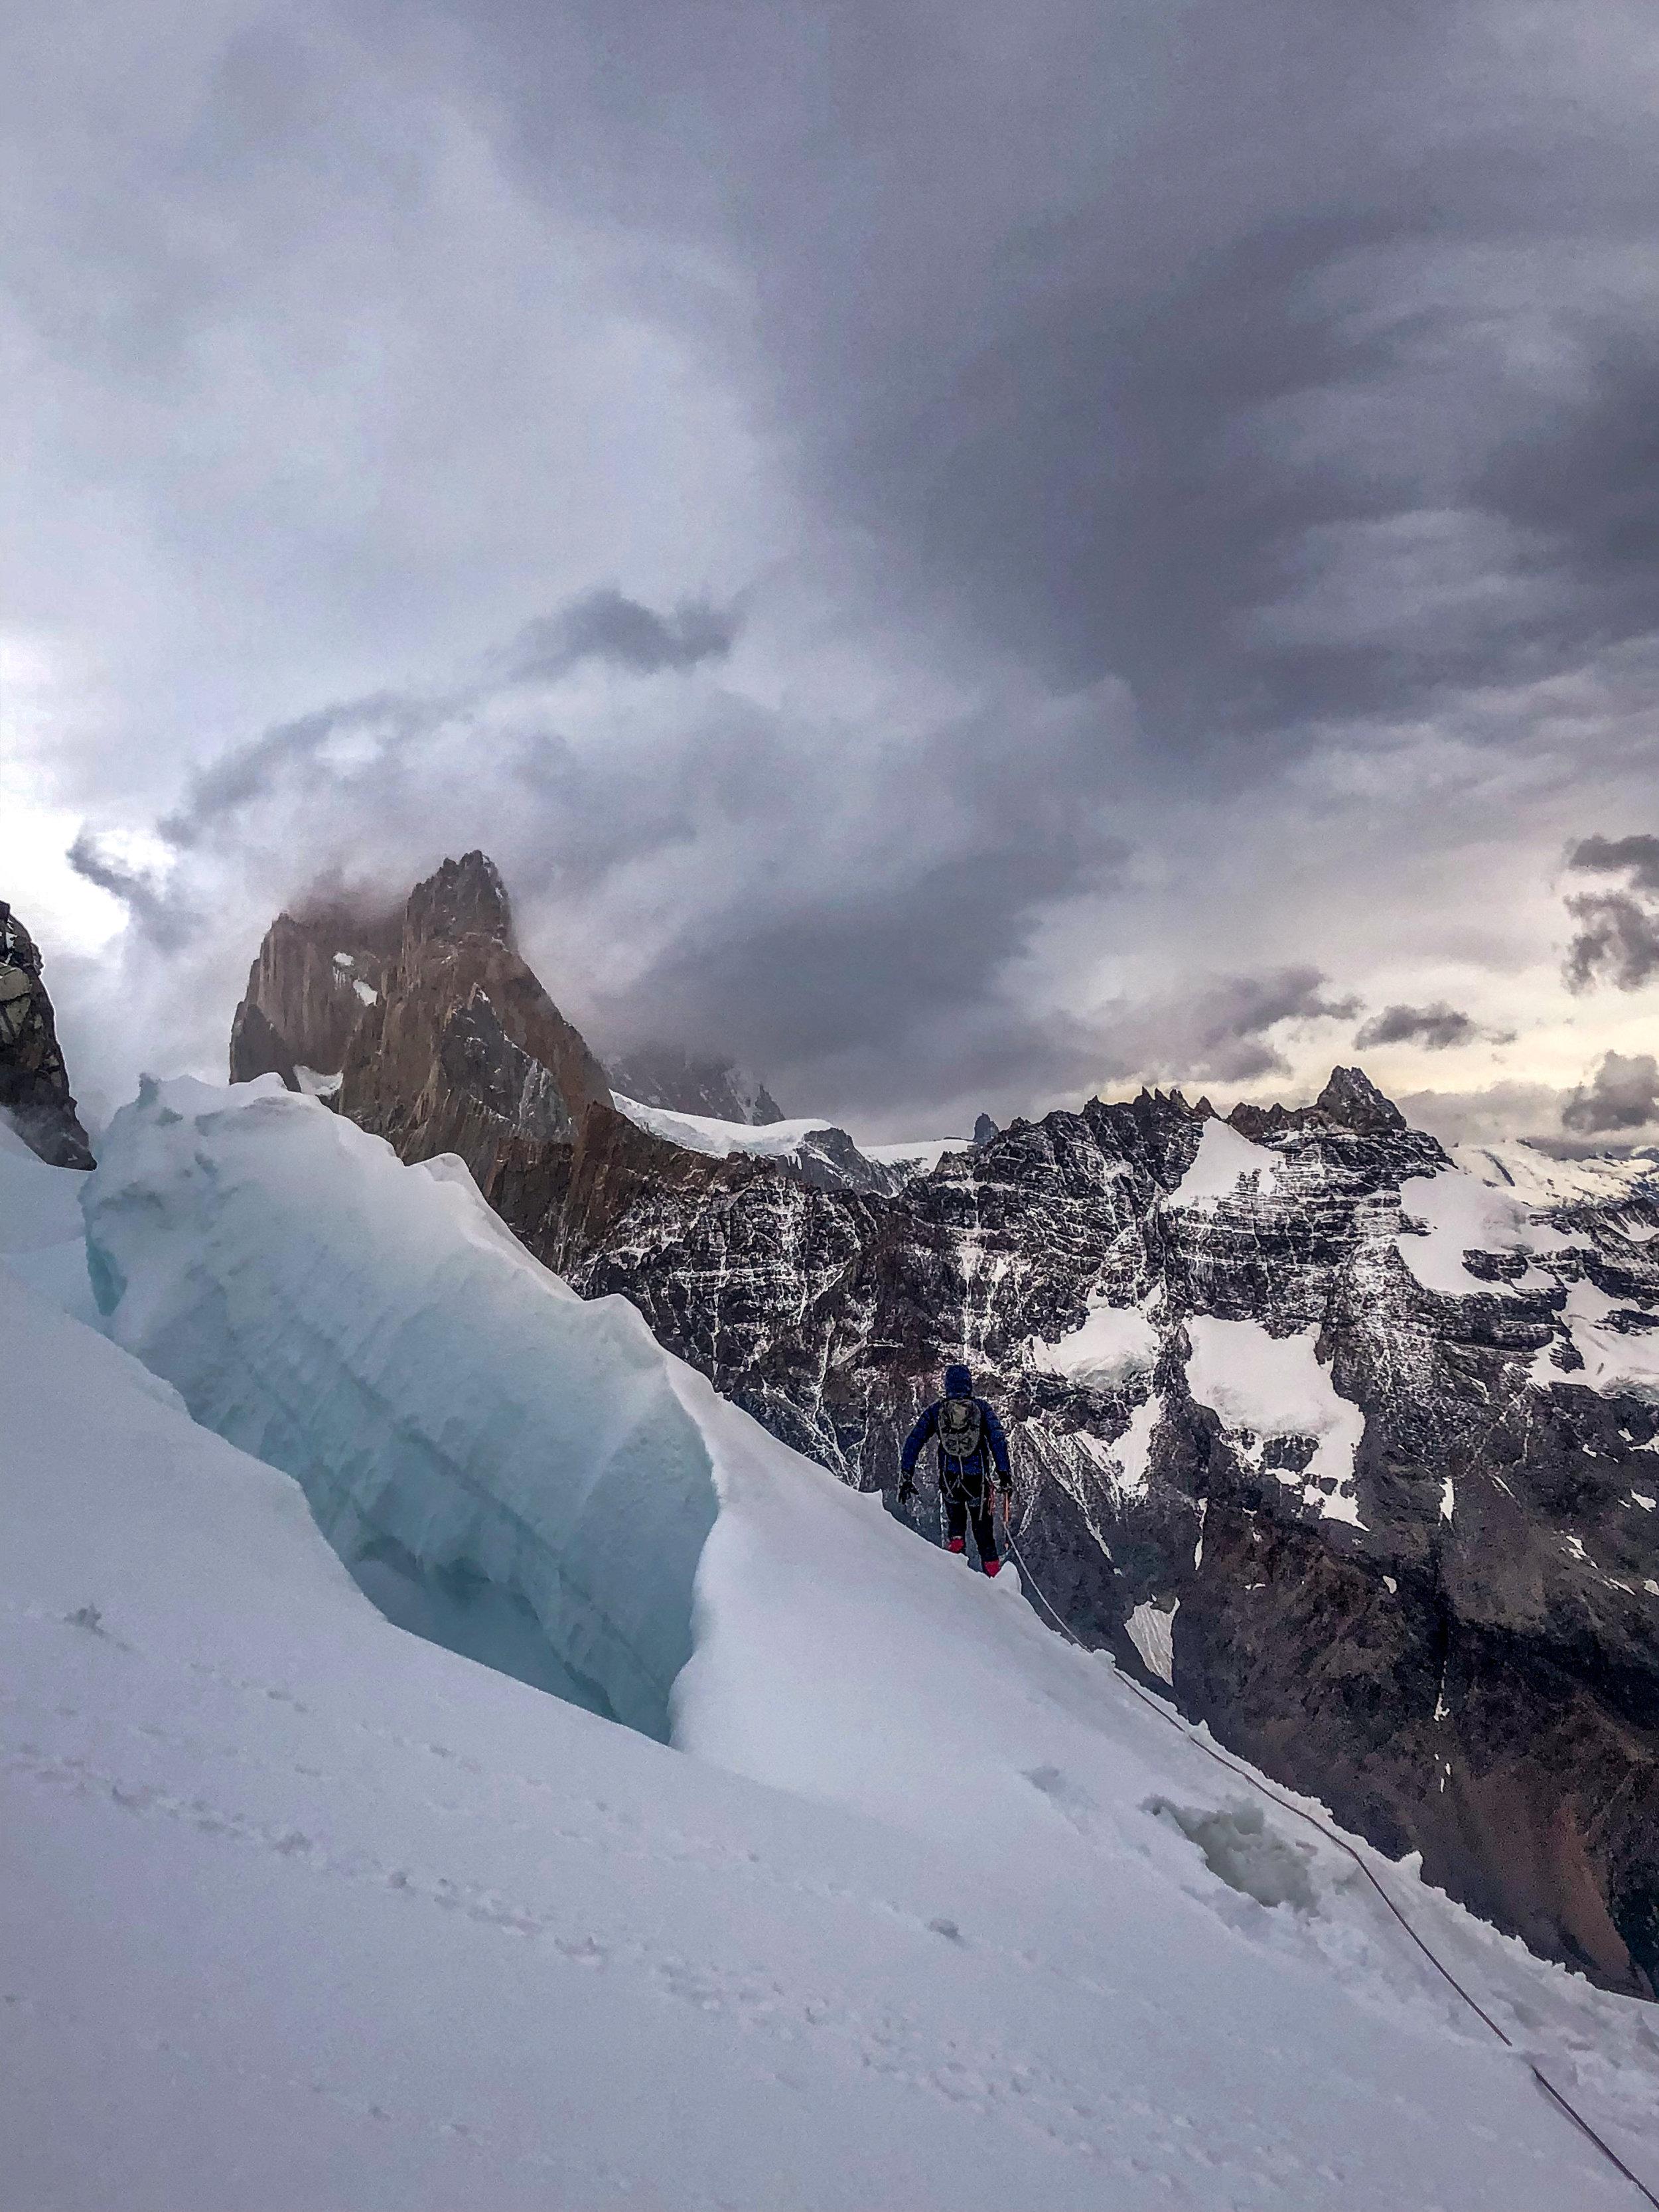 Crossing glaciers on Cerro Solo; note semi-sized crevasses with bf for scale 😳